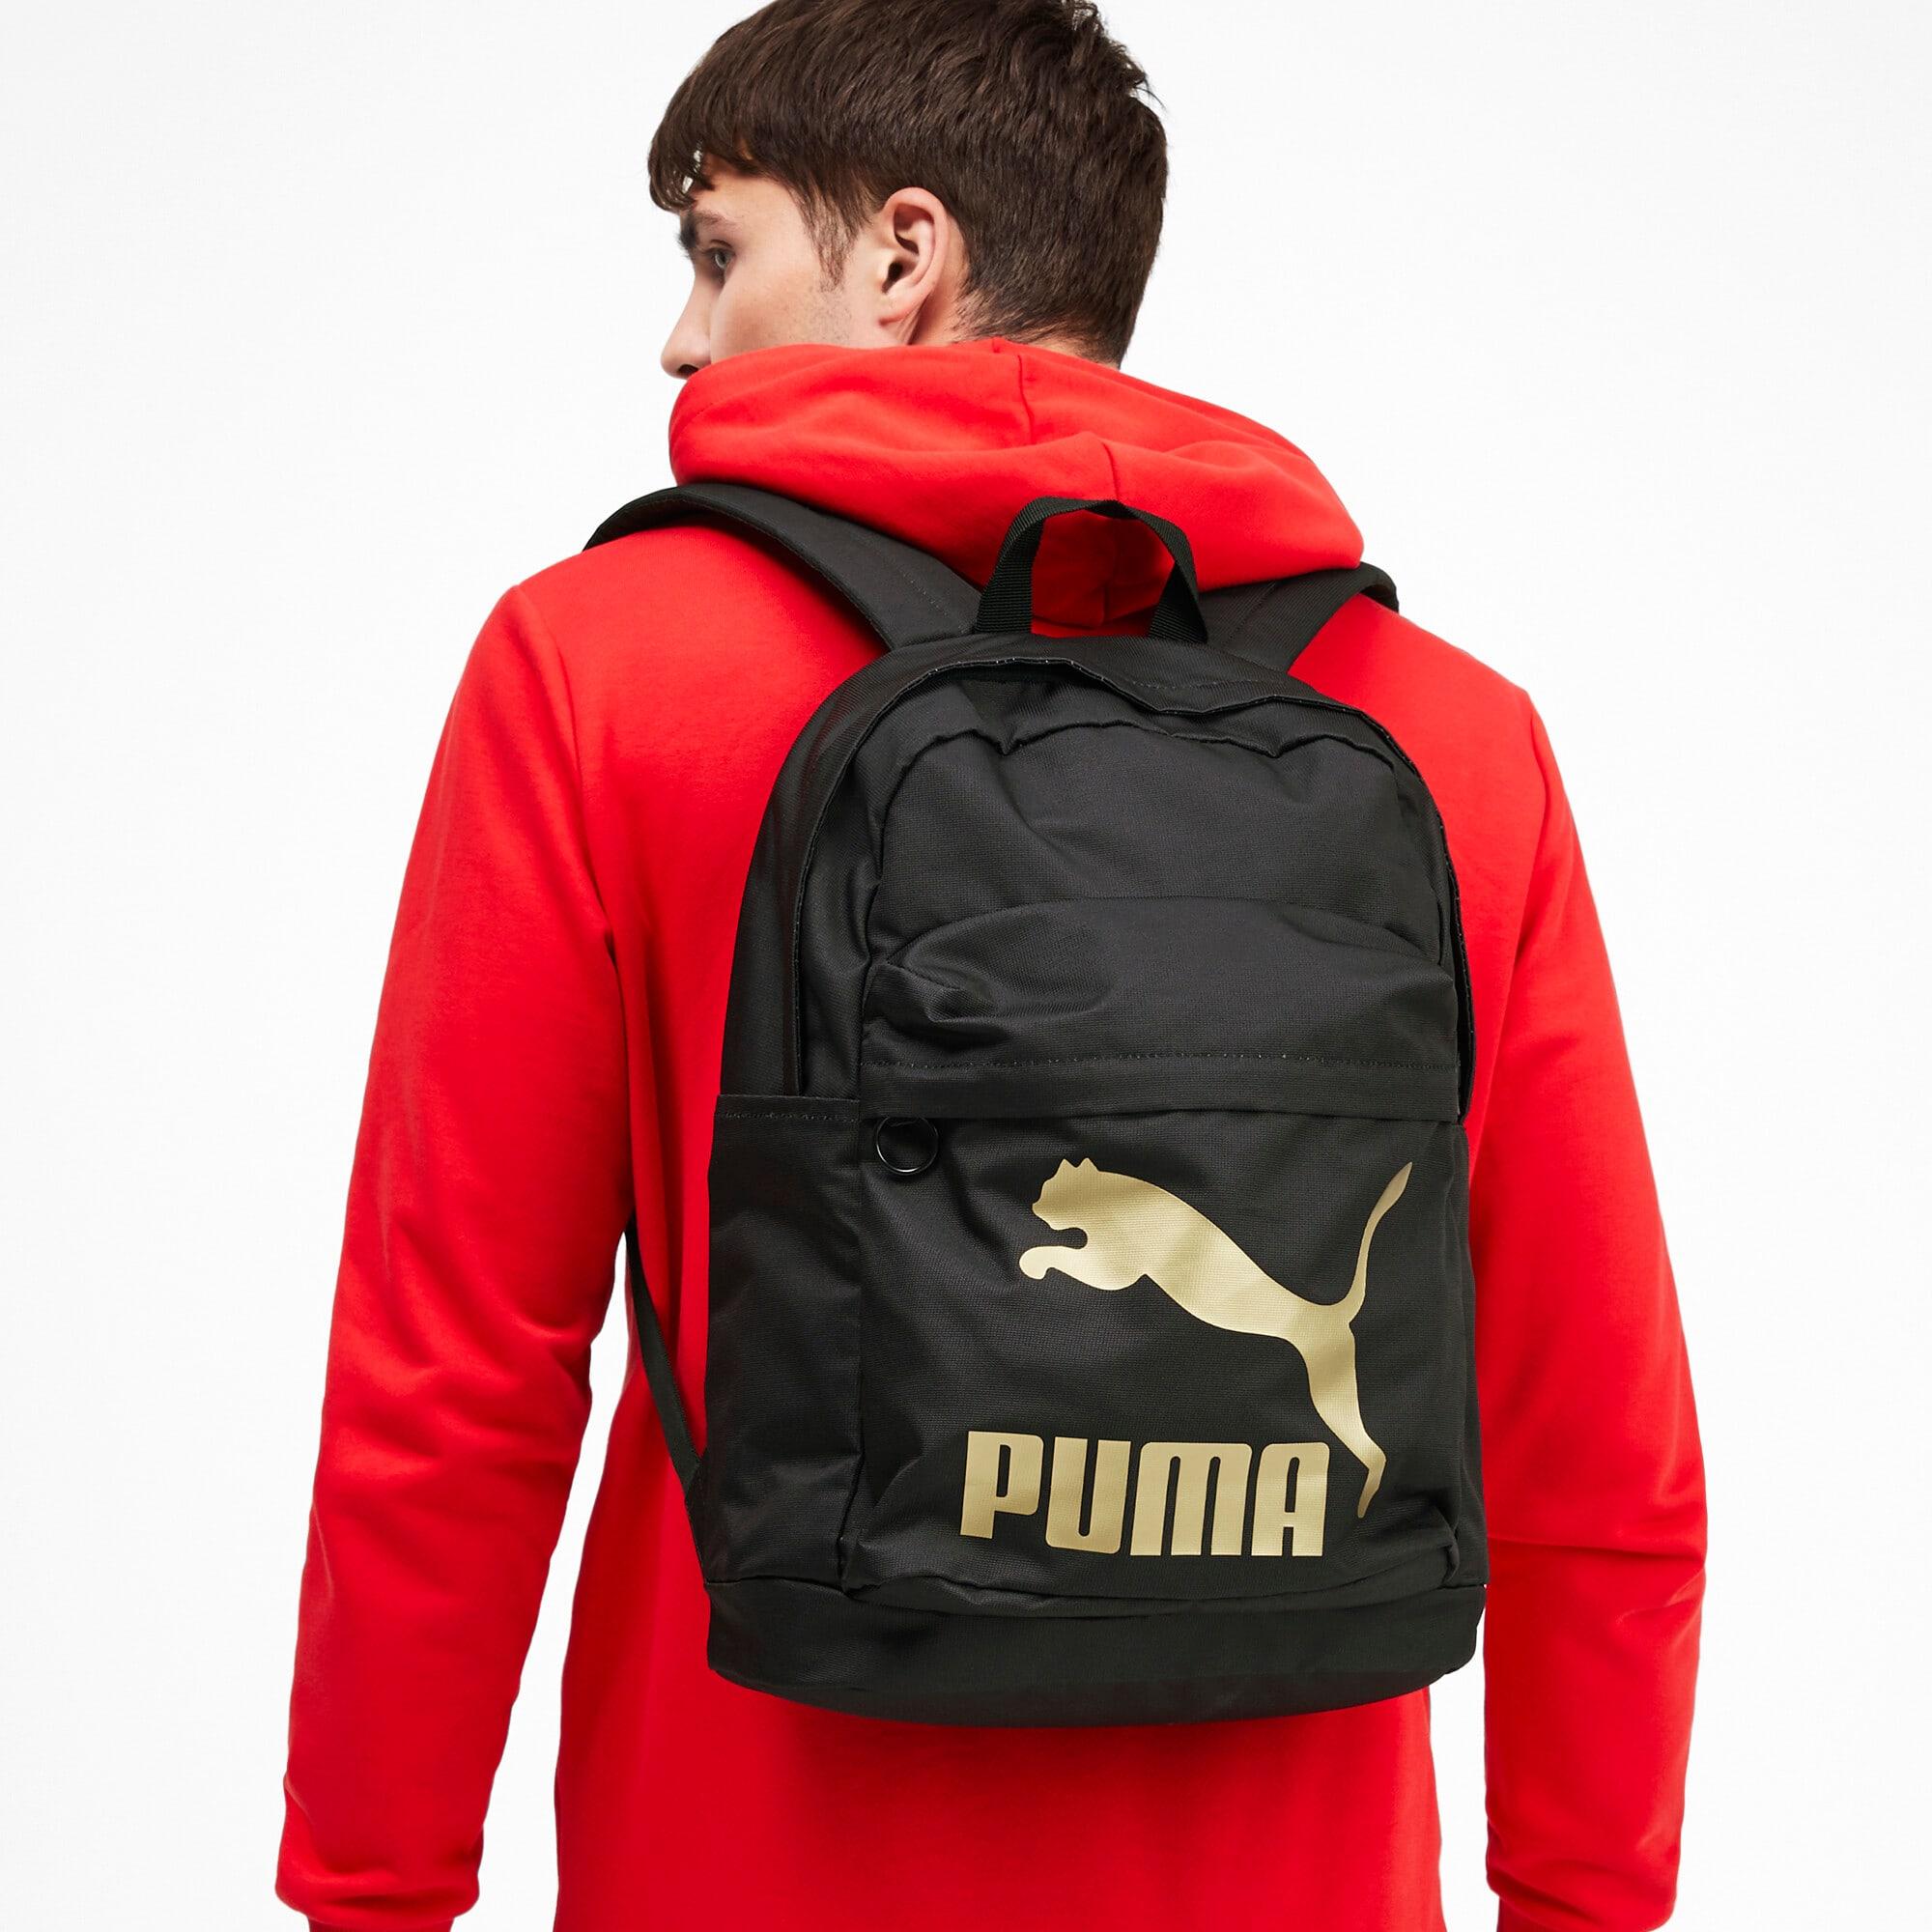 Thumbnail 2 of Originals Backpack, Puma Black, medium